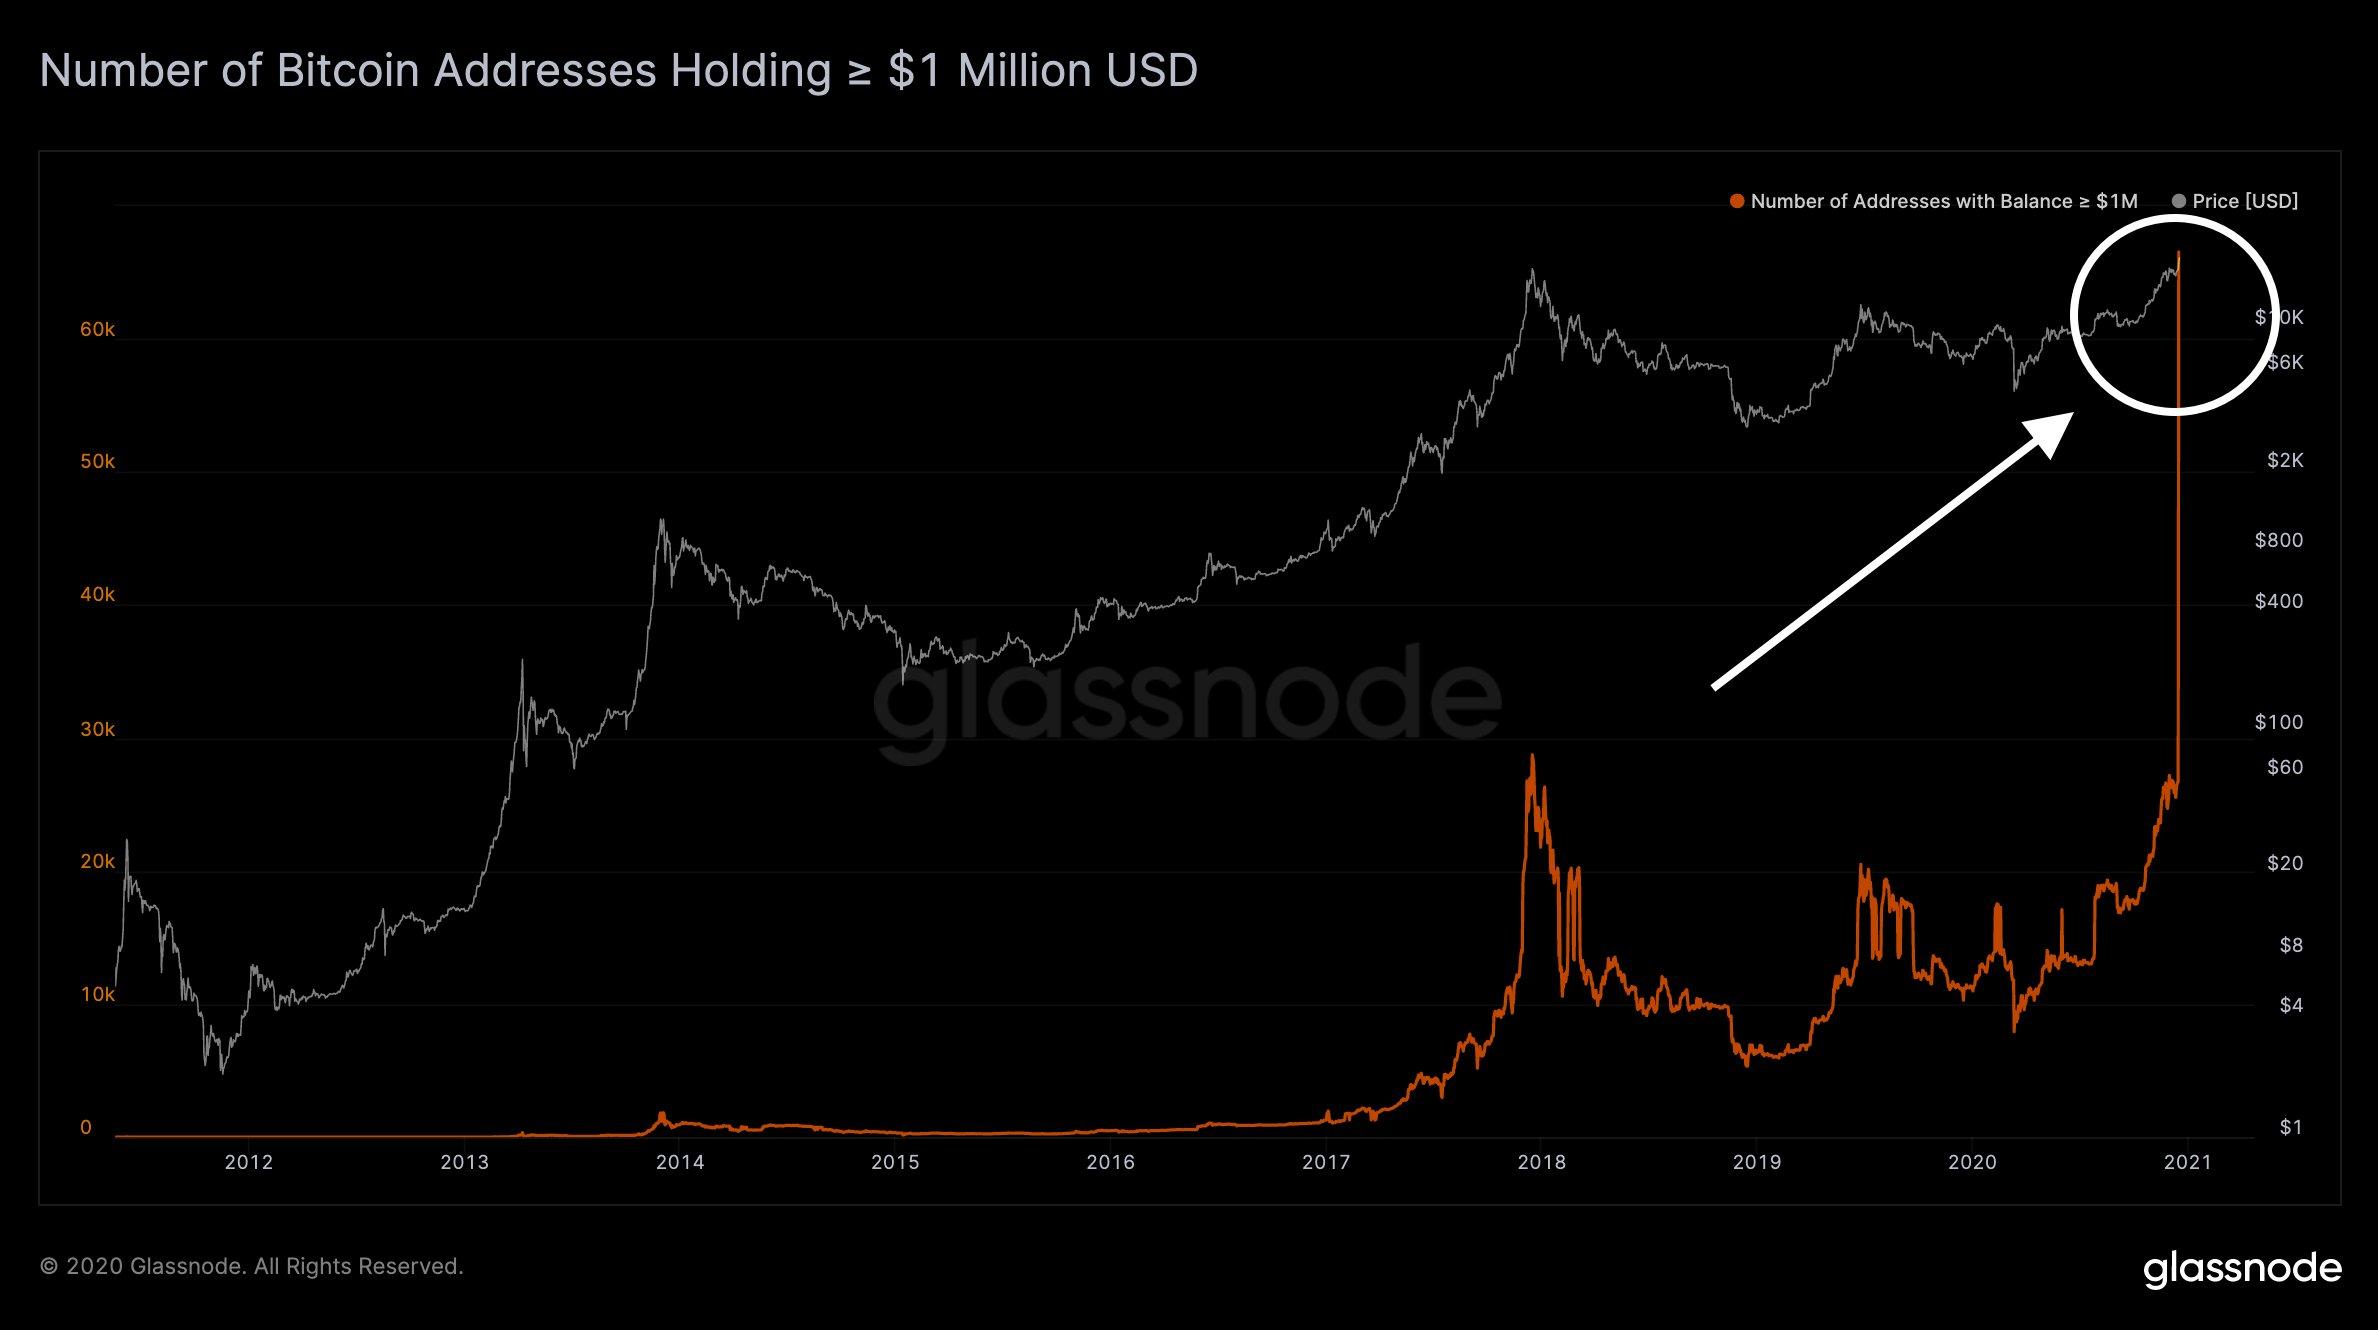 CTO Glassnode: Кризис предложения и ликвидности биткоина является бычьим фактором